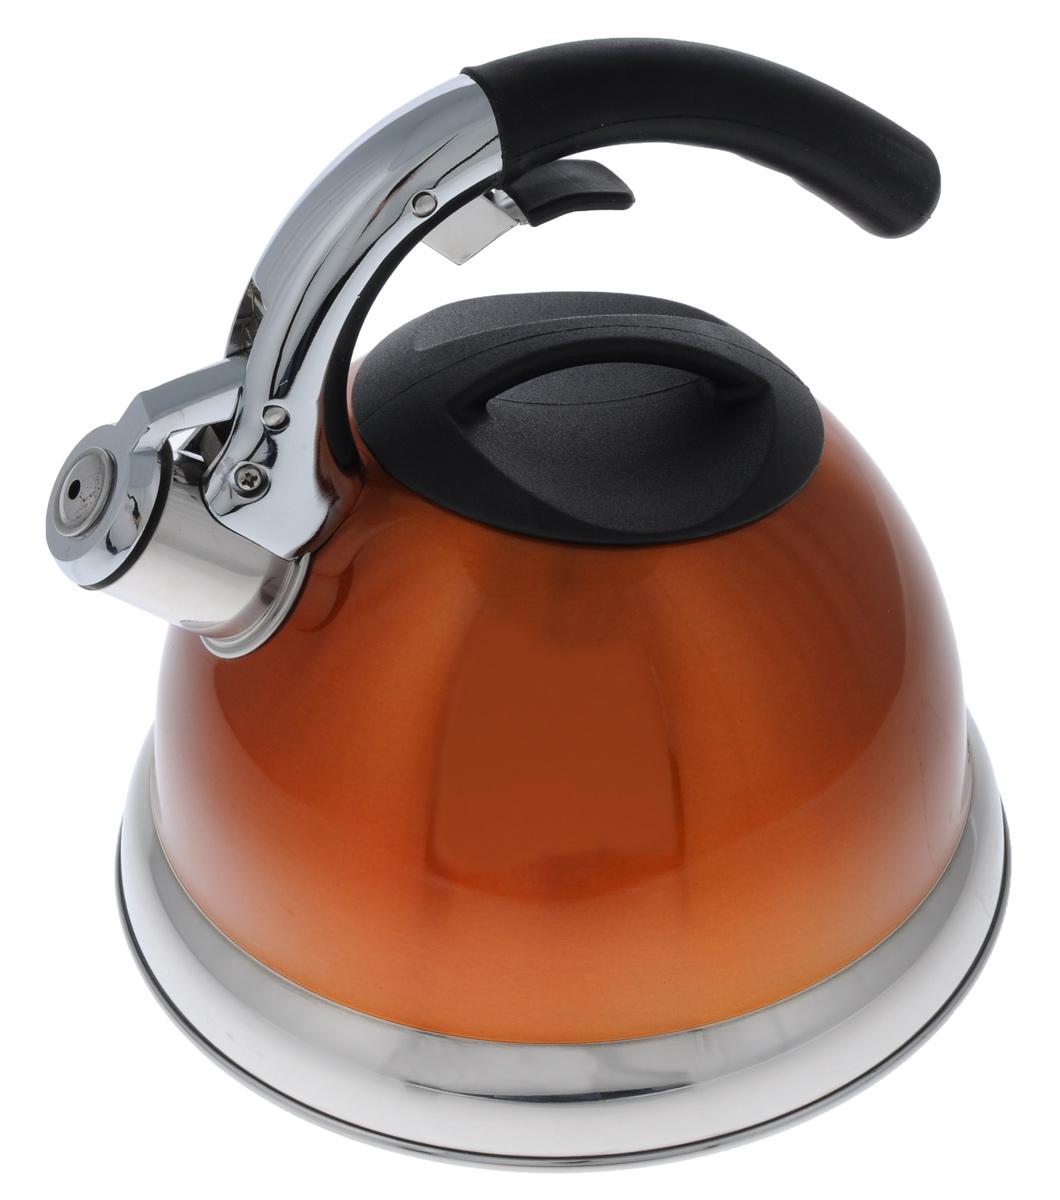 Чайник Mayer & Boch De Luxe со свистком, цвет: оранжевый, 3 л. 3113-23113-2Чайник Mayer & Boch De Luxe изготовлен из нержавеющей стали, что делает его гигиеничным и устойчивым к износу при длительном использовании. Эмалевая внешняя поверхность придает чайнику стильный внешний вид. Гладкая и ровная поверхность существенно облегчает уход за посудой. Чайник при кипячении сохраняет все полезные свойства воды. Изделие снабжено свистком, который подскажет, когда закипела вода. Удобная эргономичная ручка с прорезиненным покрытием обеспечивает удобный захват. Свисток поднимается с помощью специального рычага на ручке чайника. Чайник подходит для всех типов плит, кроме индукционных. Можно мыть в посудомоечной машине. Диаметр отверстия (по верхнему краю): 10 см. Высота (без учета ручки): 13,5 см. Высота (с учетом ручки): 22 см. Диаметр основания: 22 см.